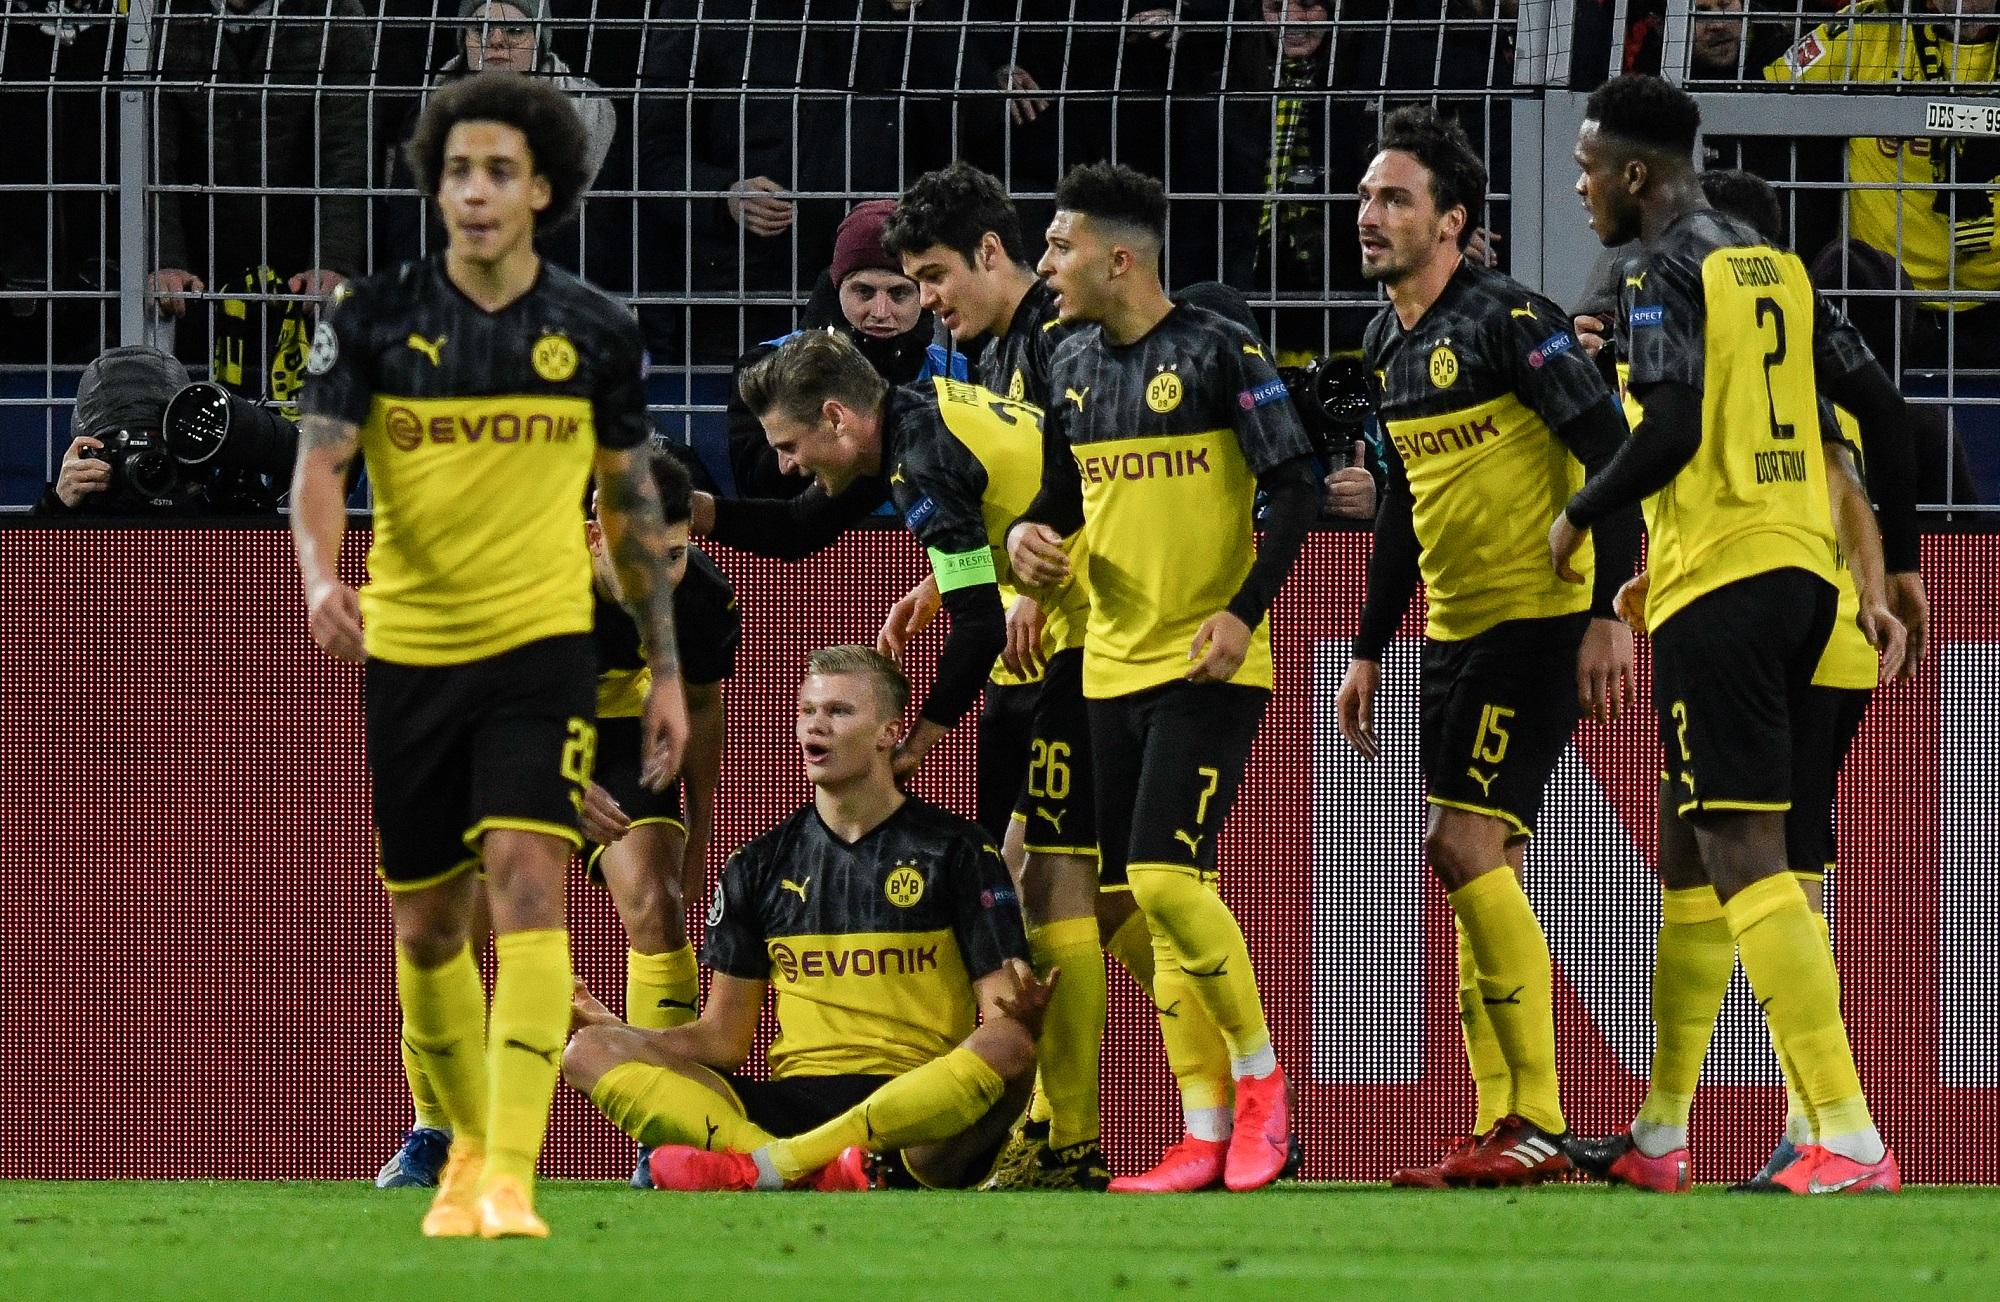 Der BVB durfte sich in der Champions League über ein 2:1 gegen Paris Saint-Germain freuen.